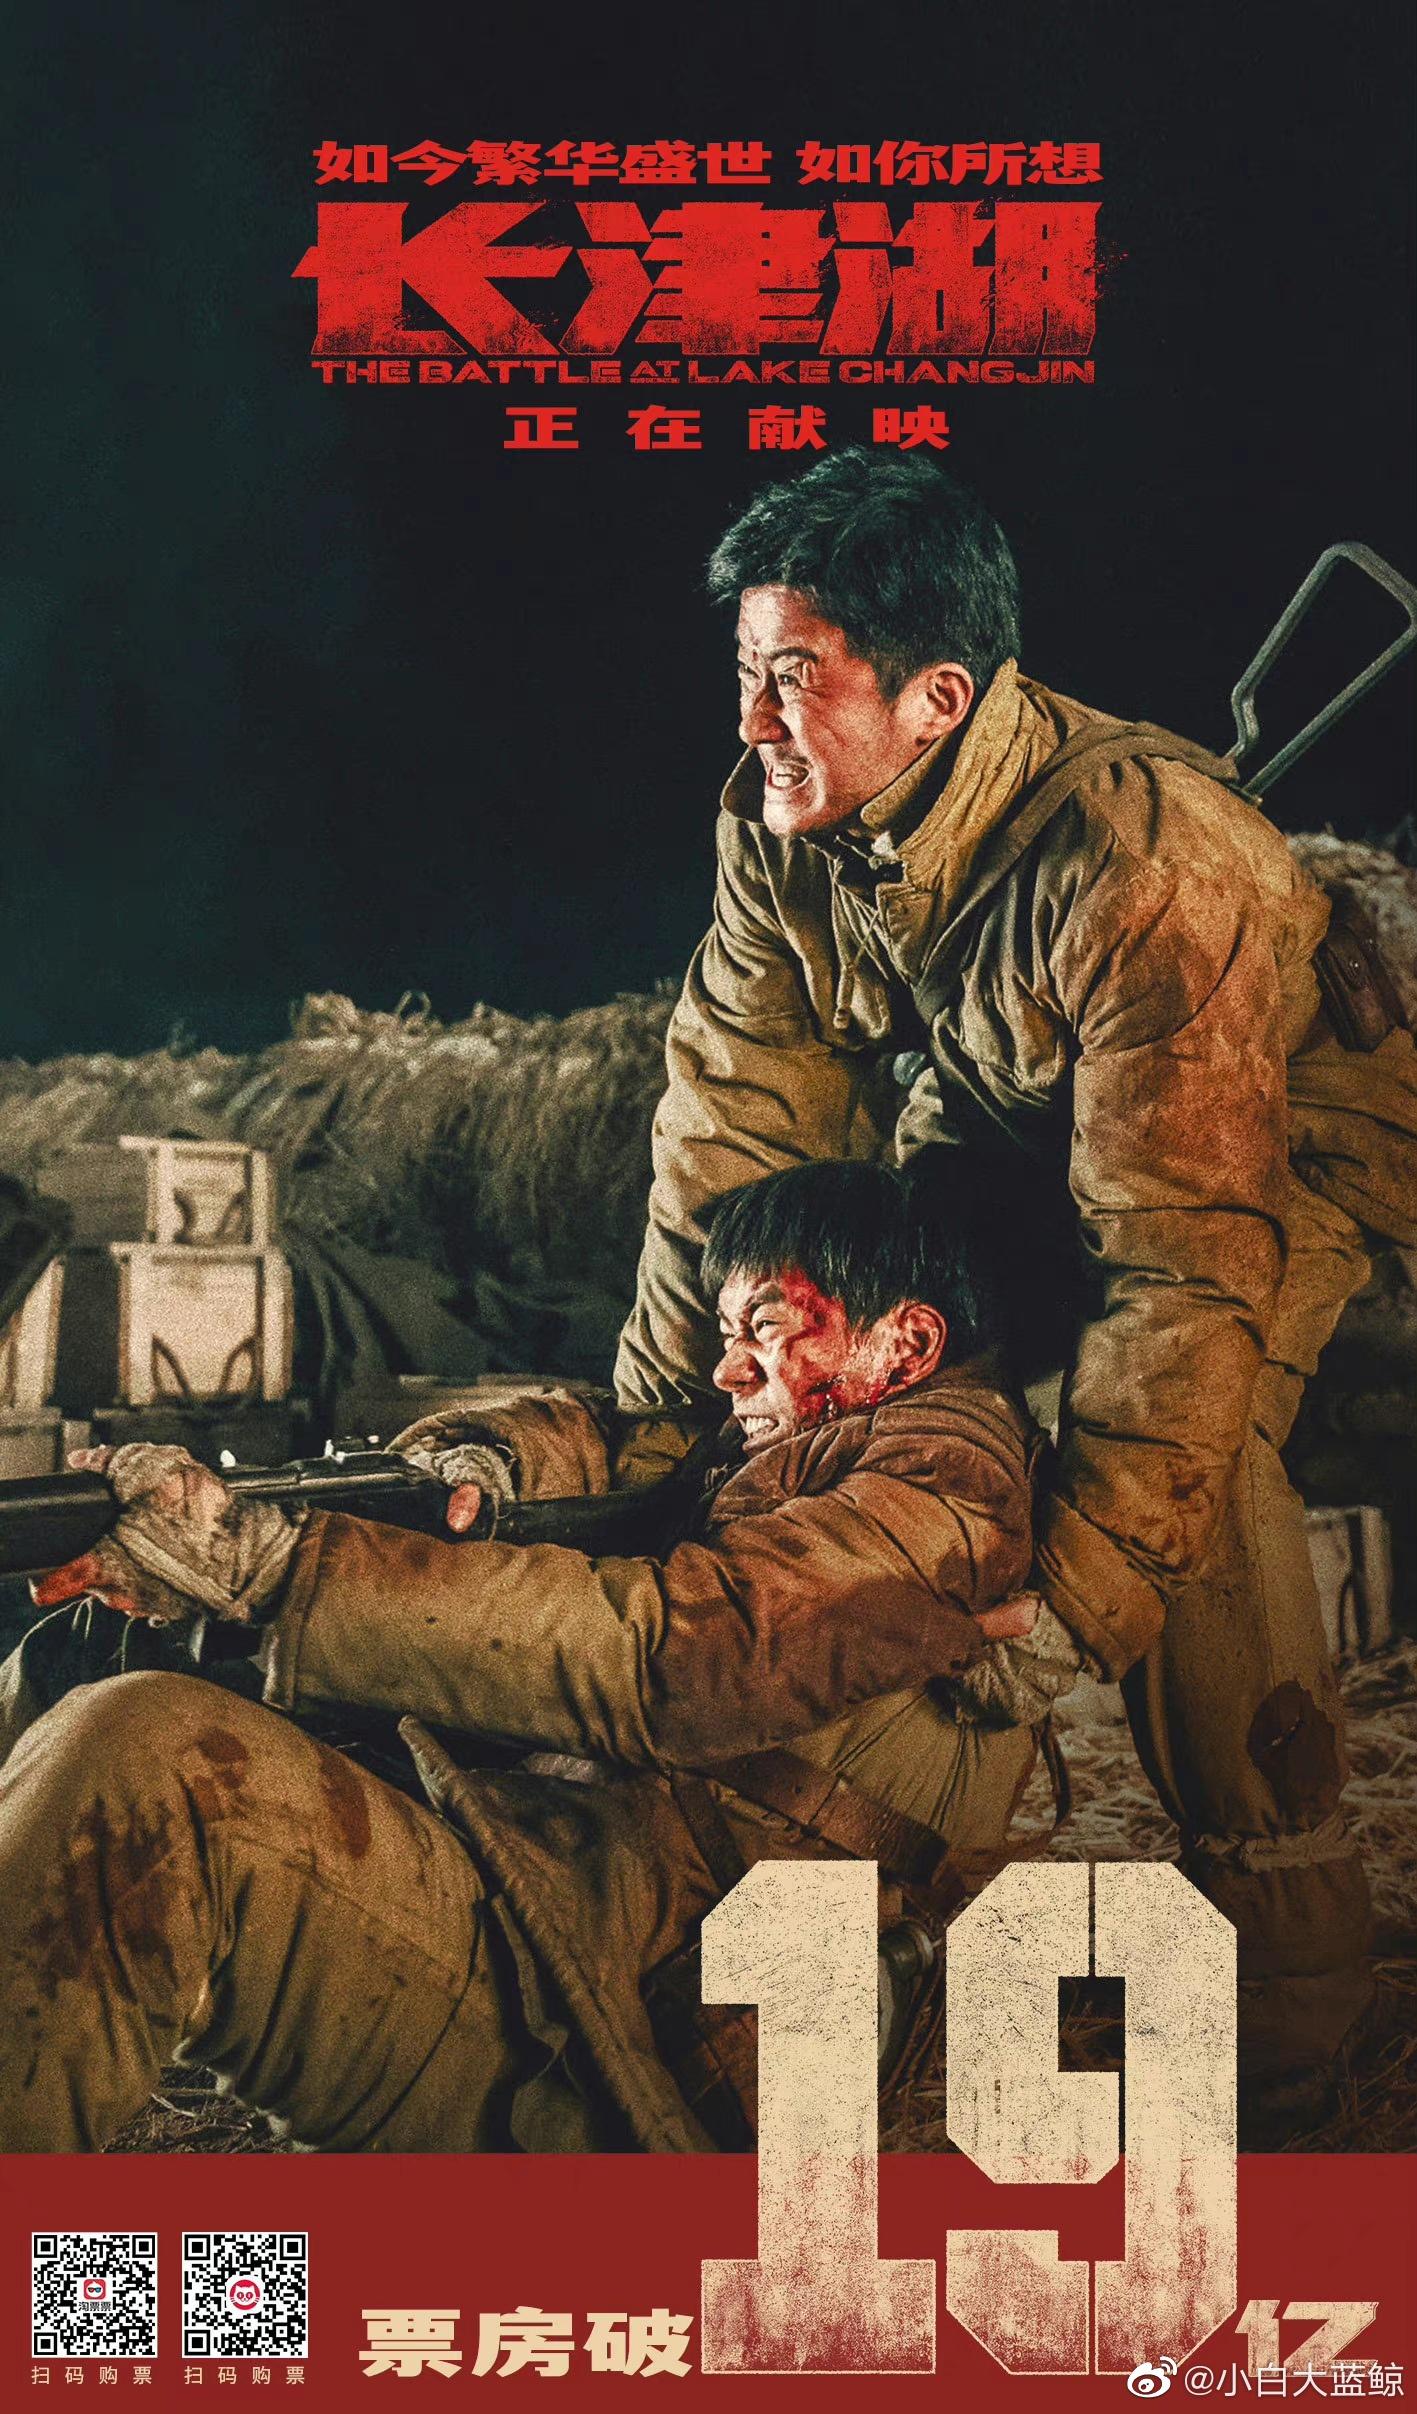 影视资讯回顾吴京个人主演的电影票房,要从《战狼》... 影视资讯 第1张